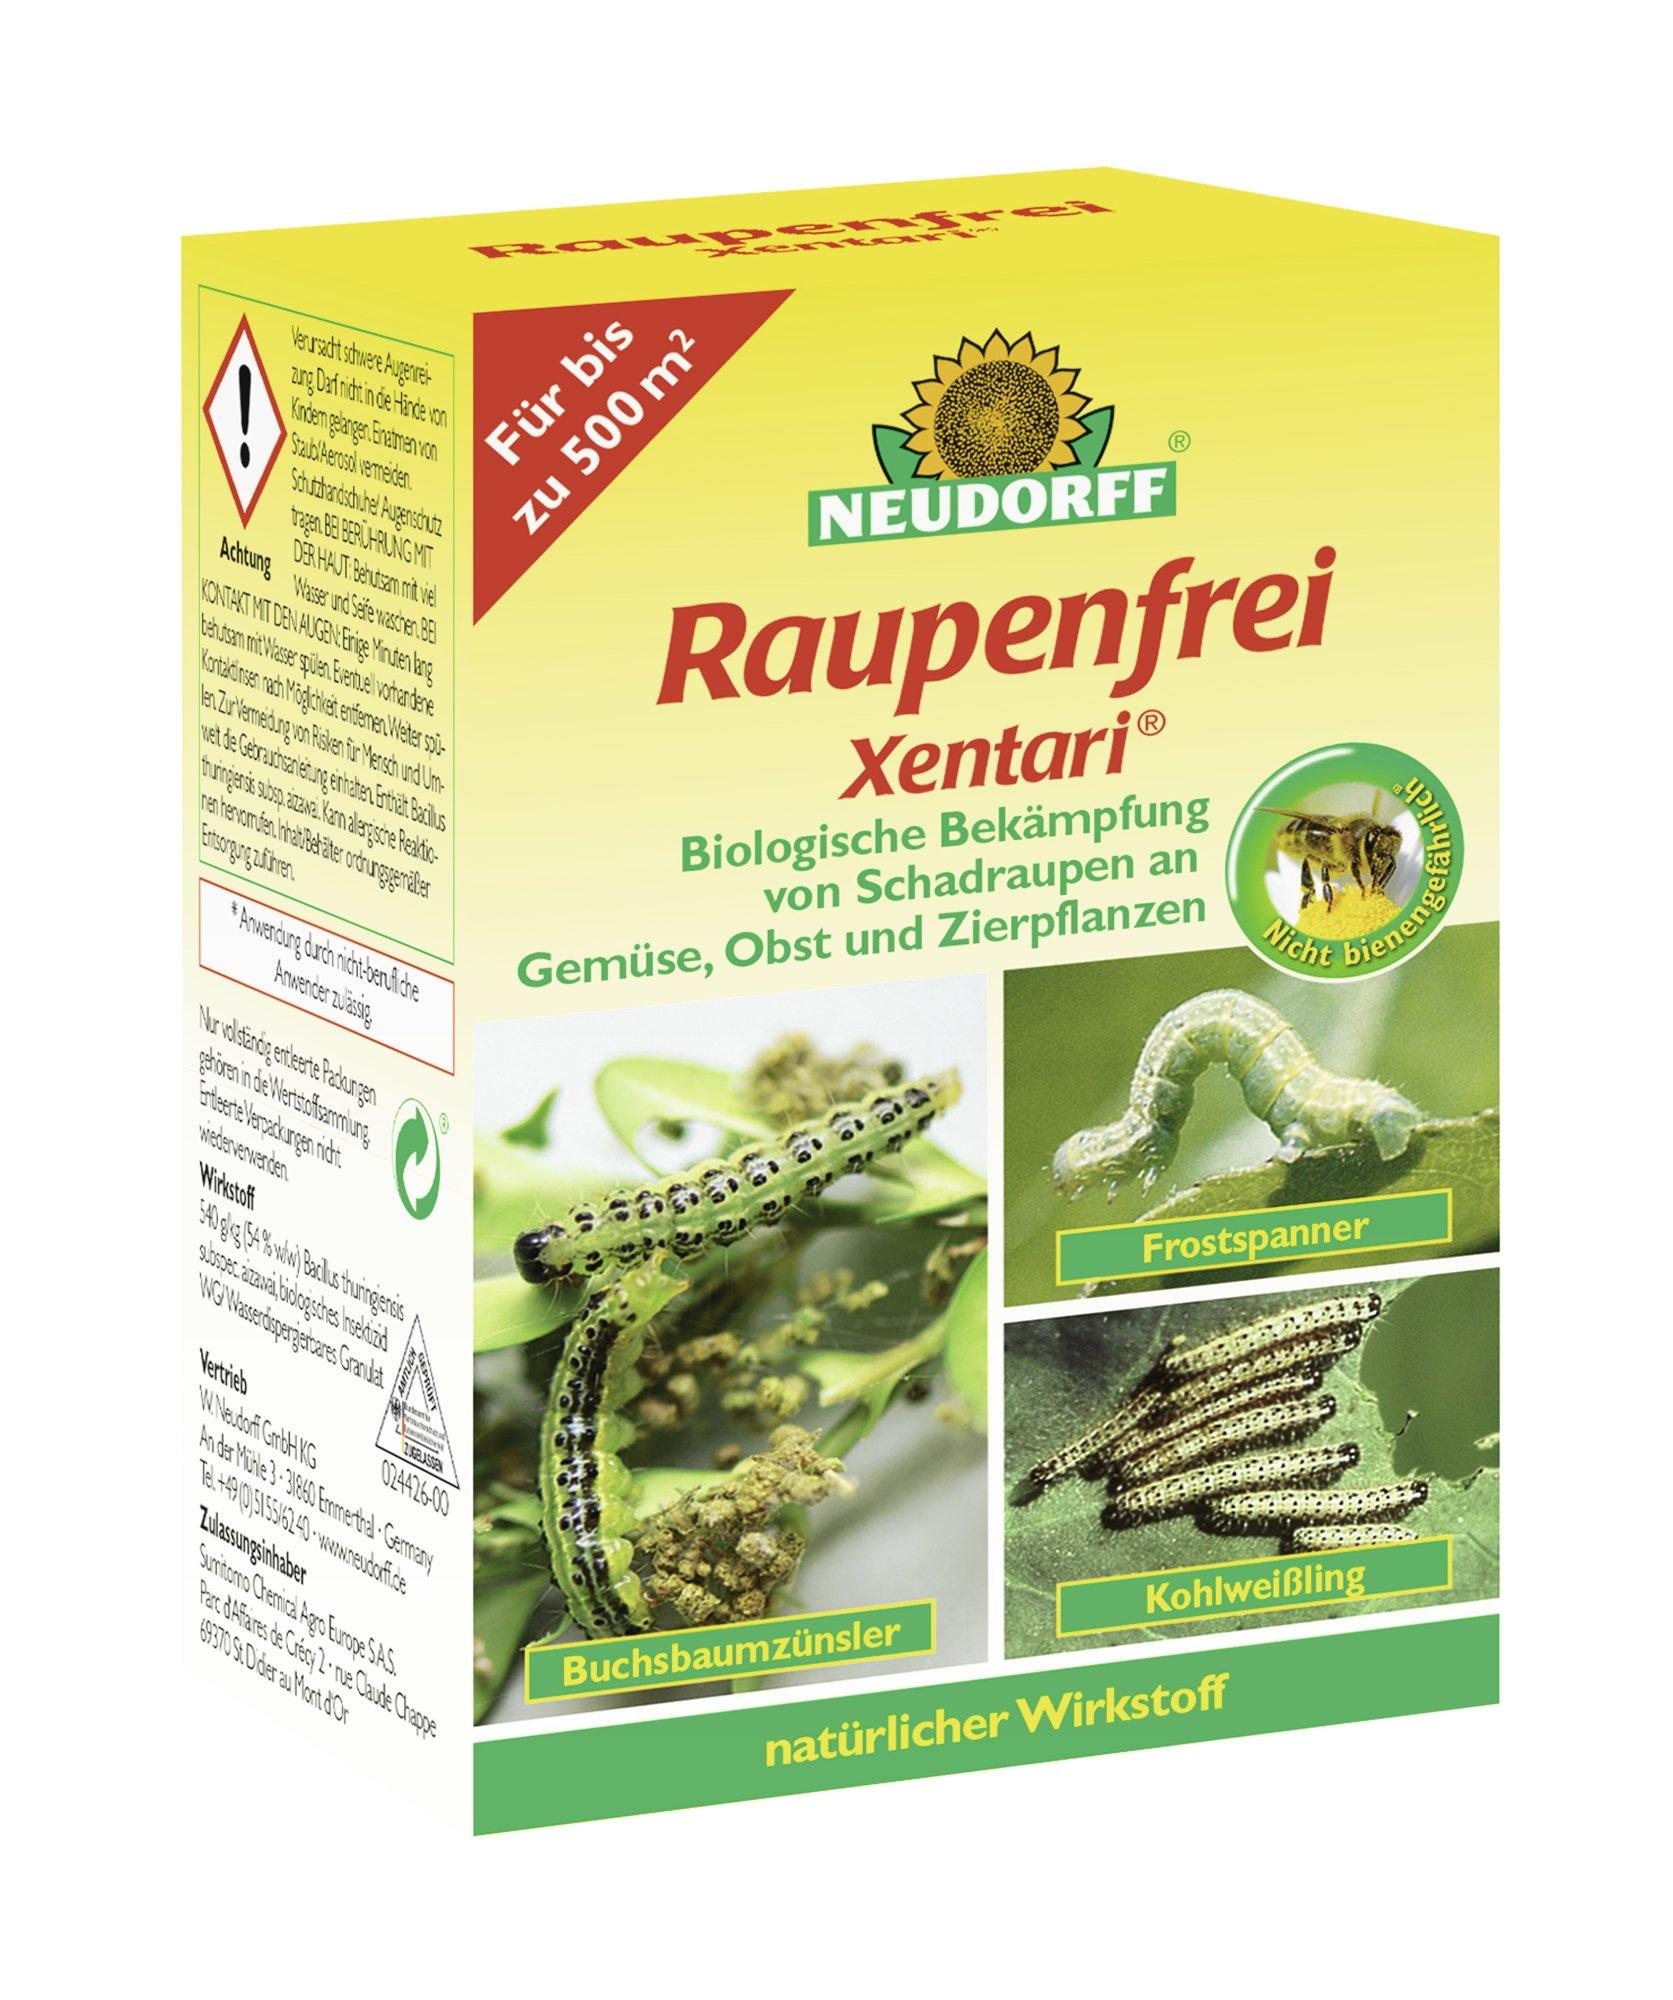 Neudorff Raupenfrei Xentari 25g gegen Buchsbaumzünsler an Buchsbäumen product image